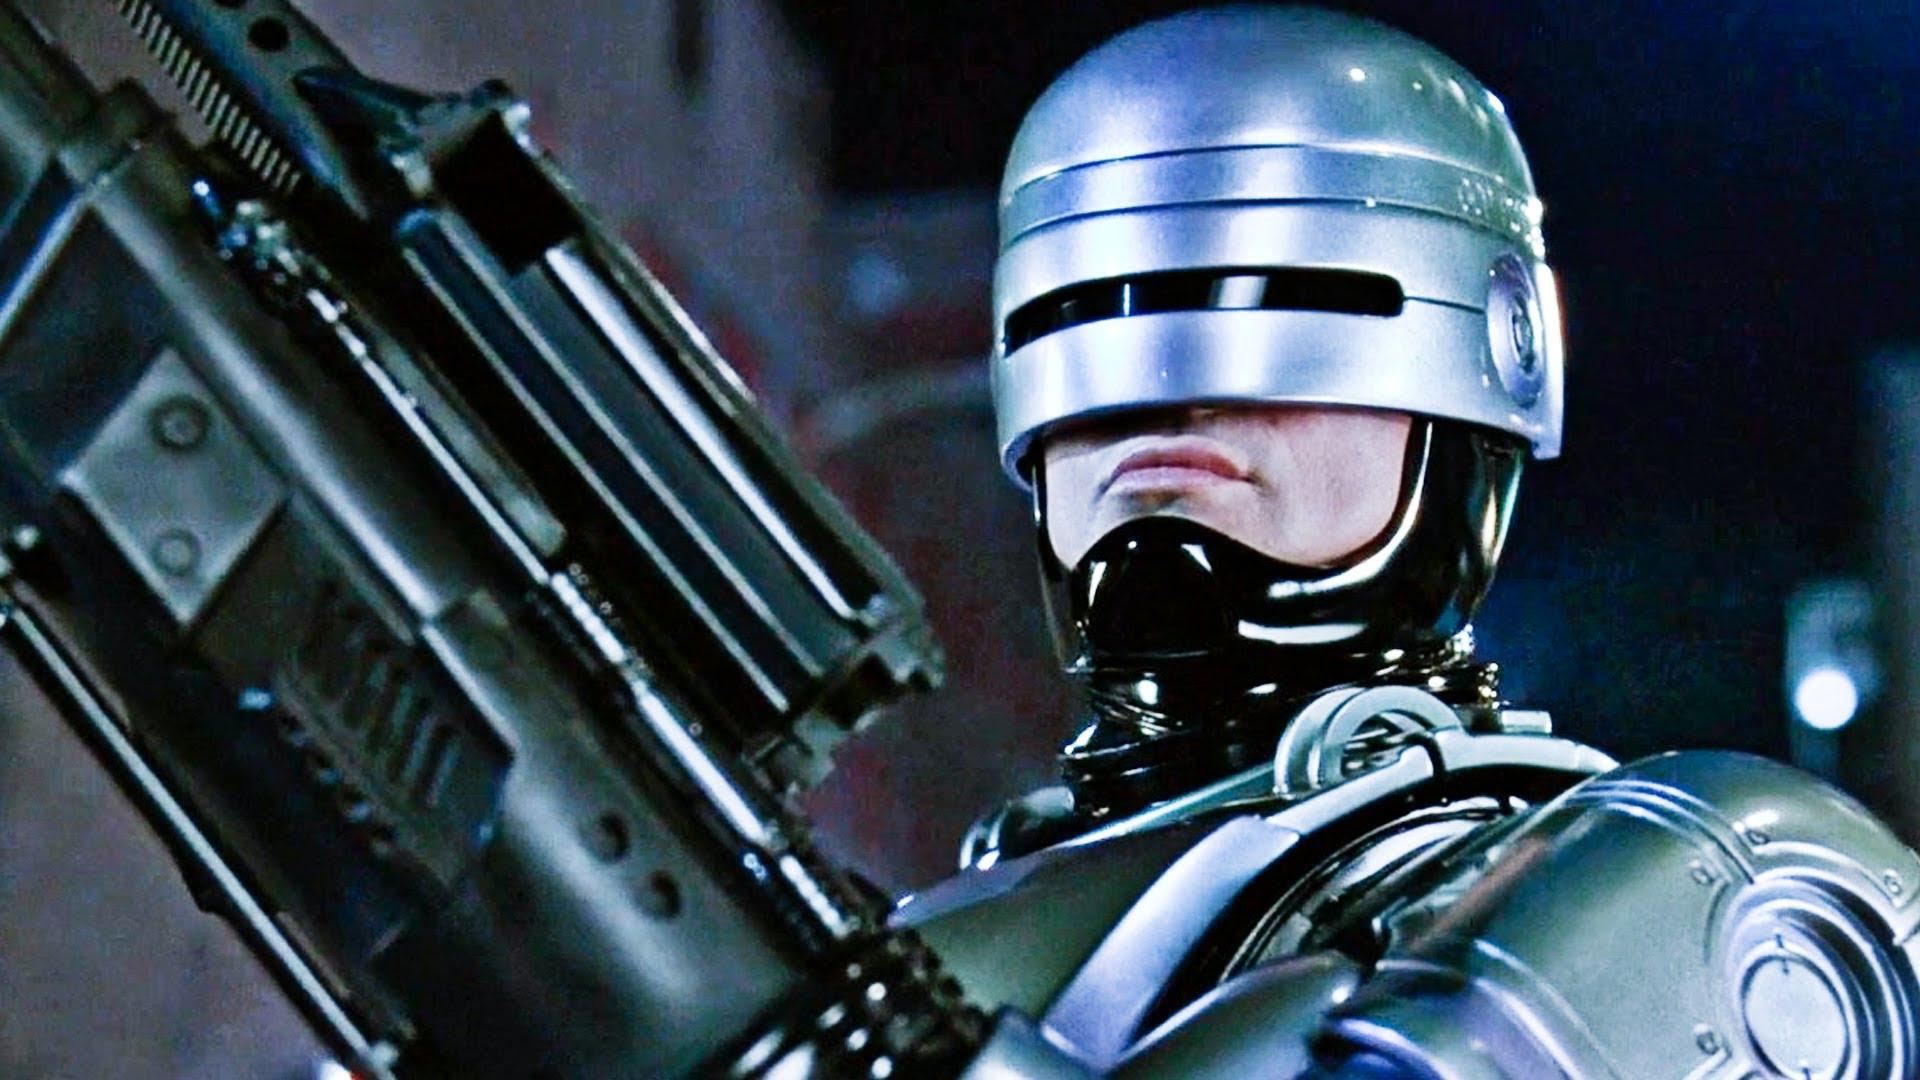 A still from Robocop